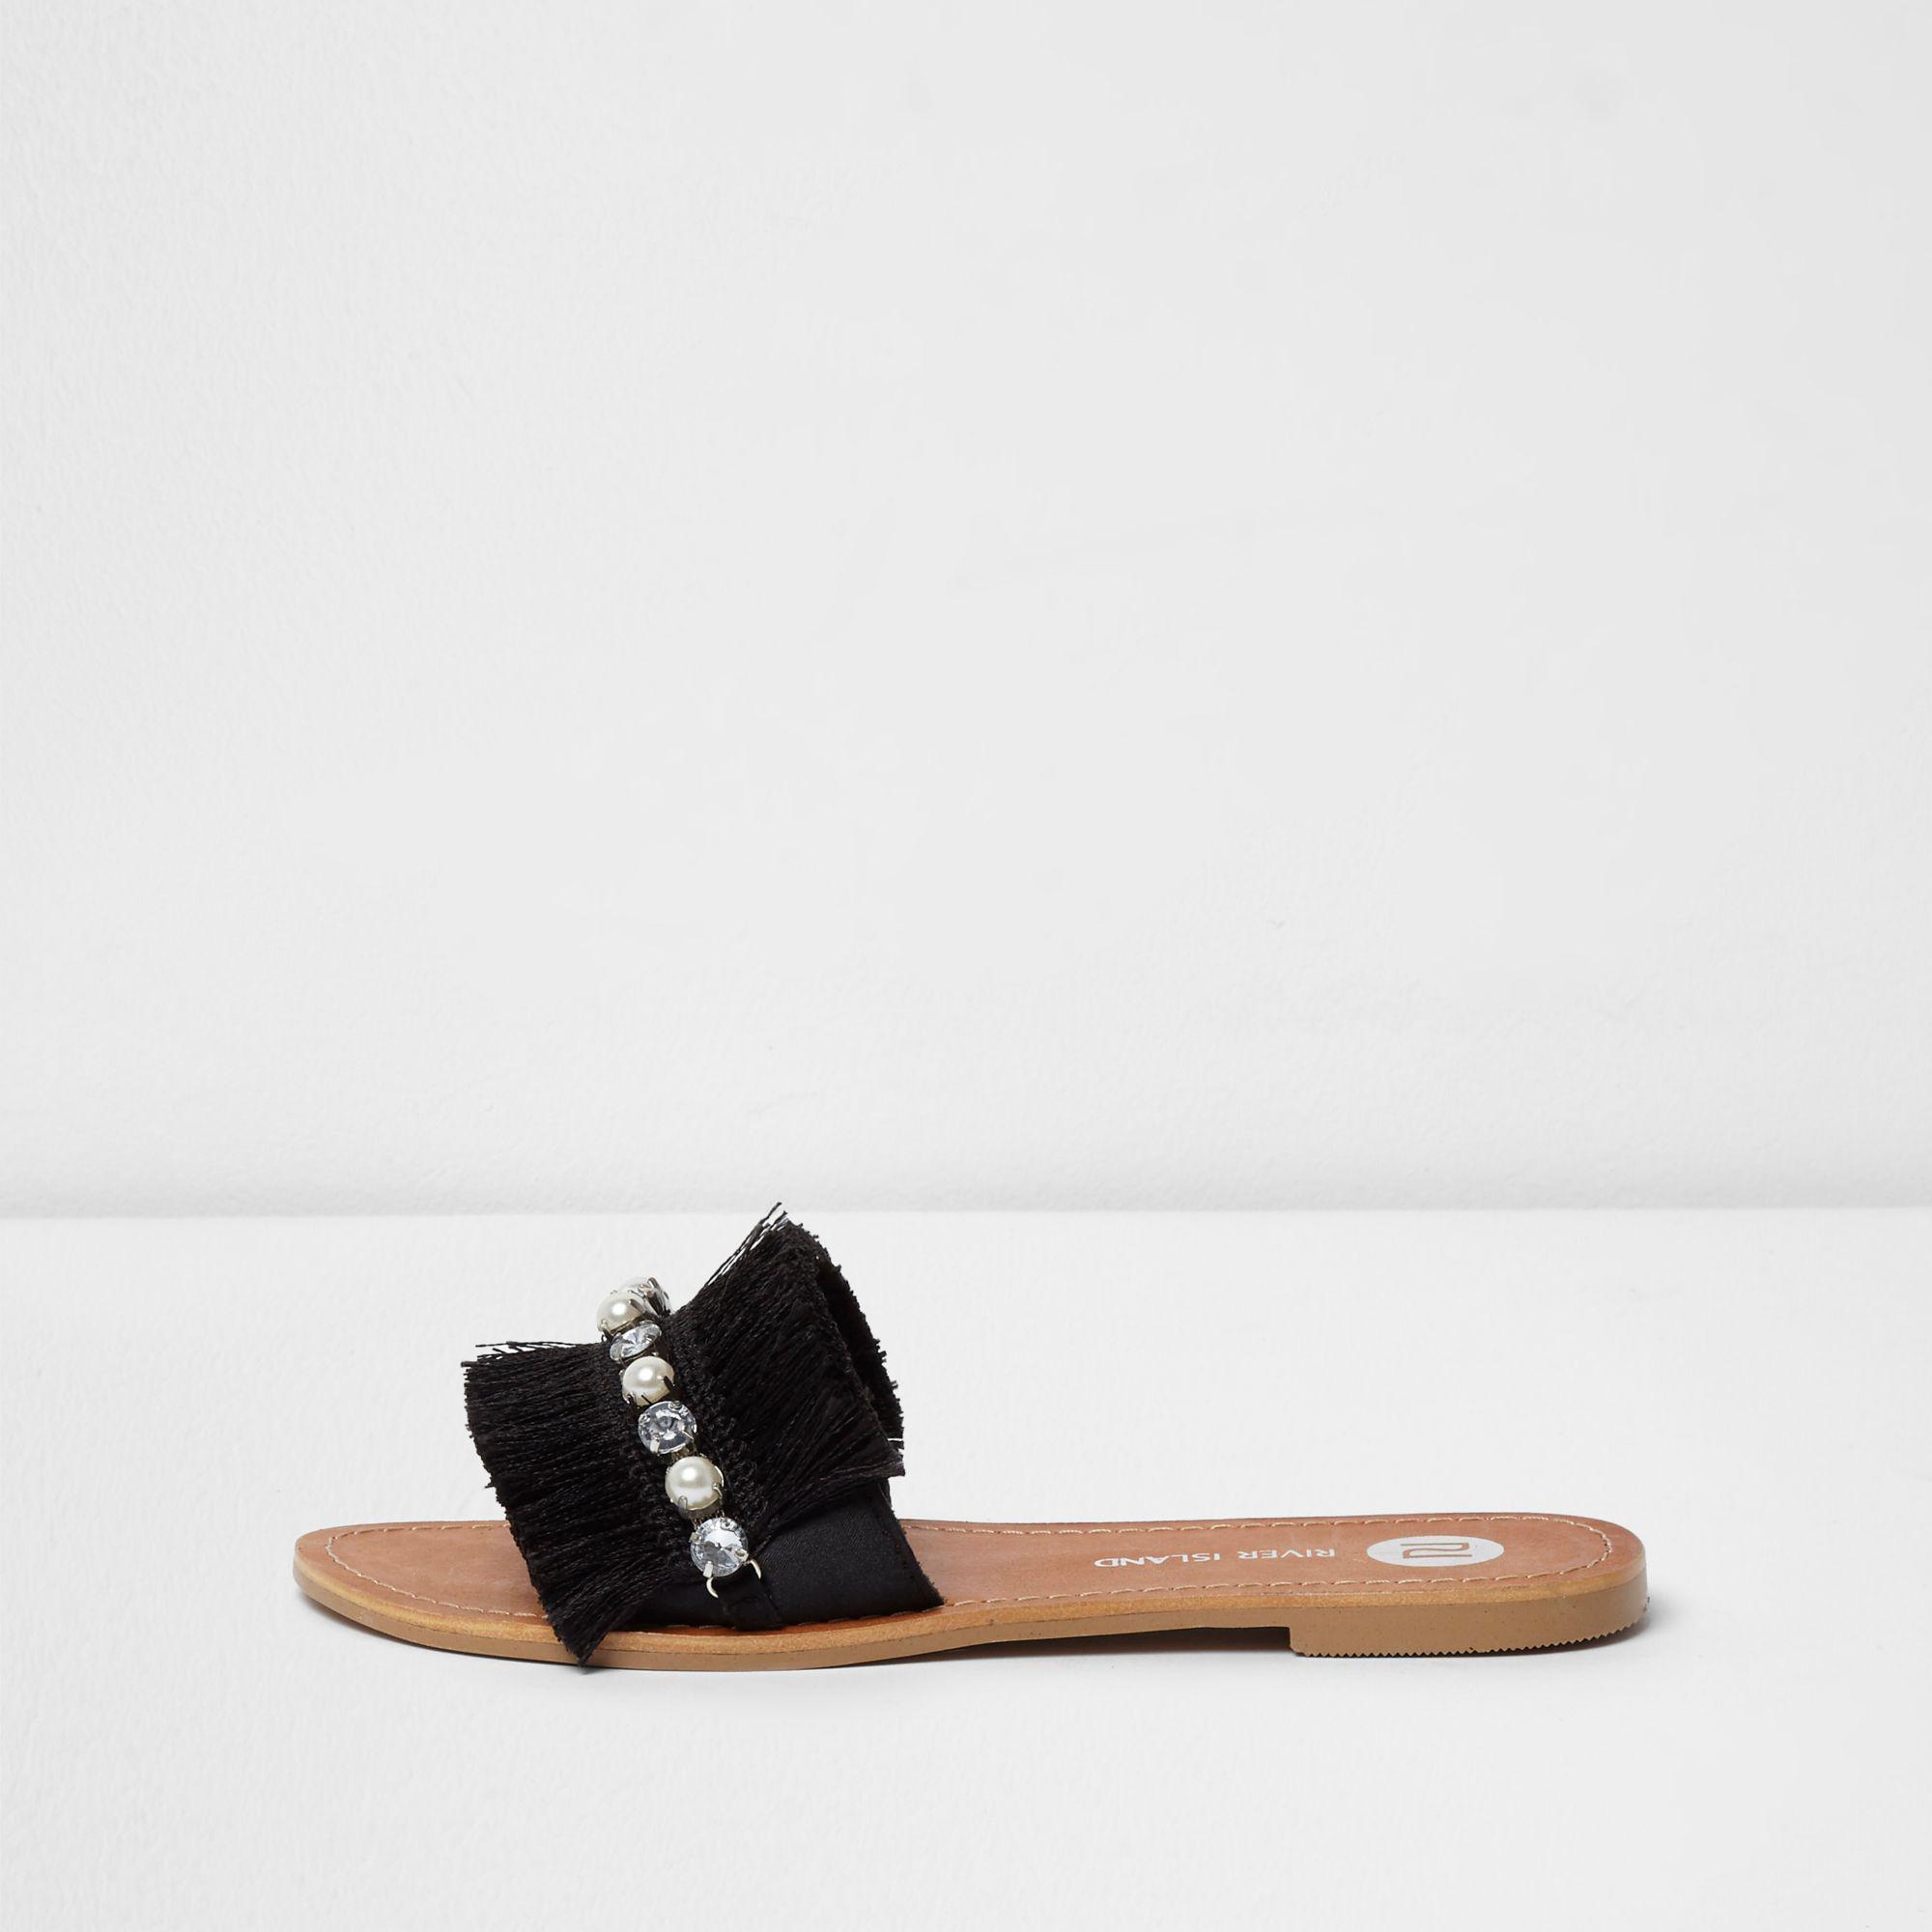 f659bdd2771830 River Island Fringe Embellished Sandals in Black - Lyst